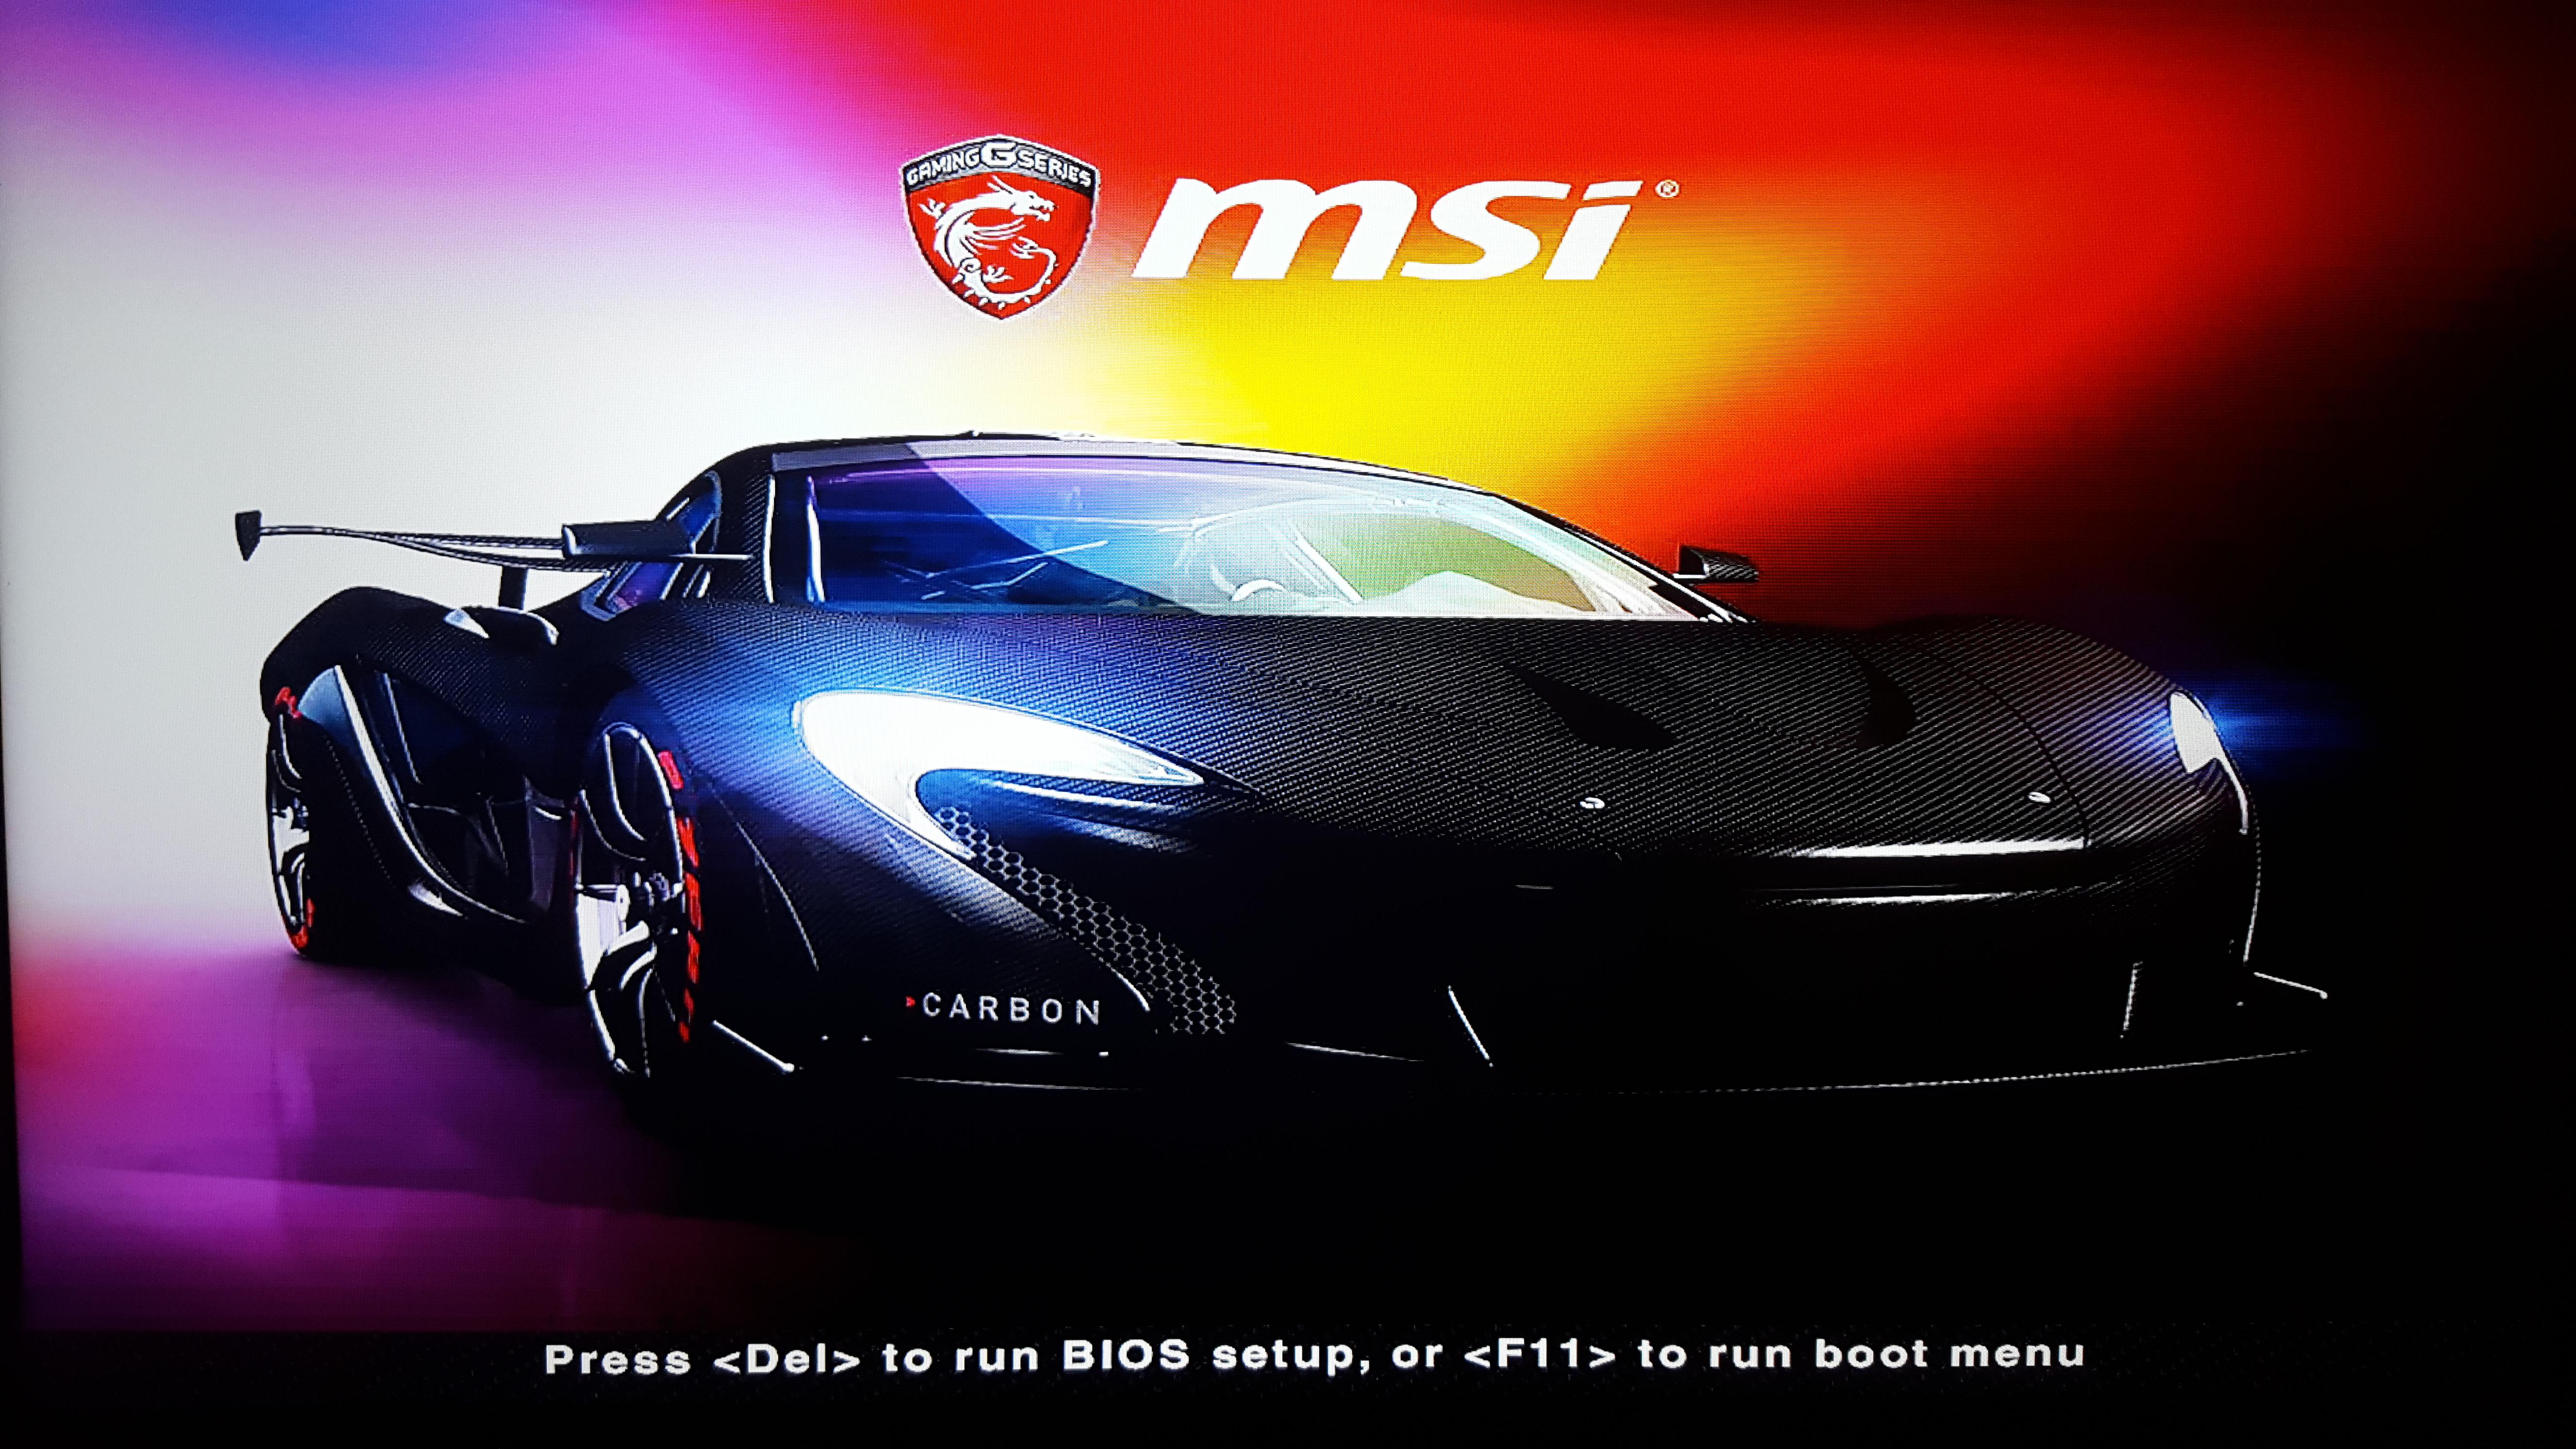 MSI Z270 Gaming Pro Carbon: Intel I5 6600K Vs I5 7600K